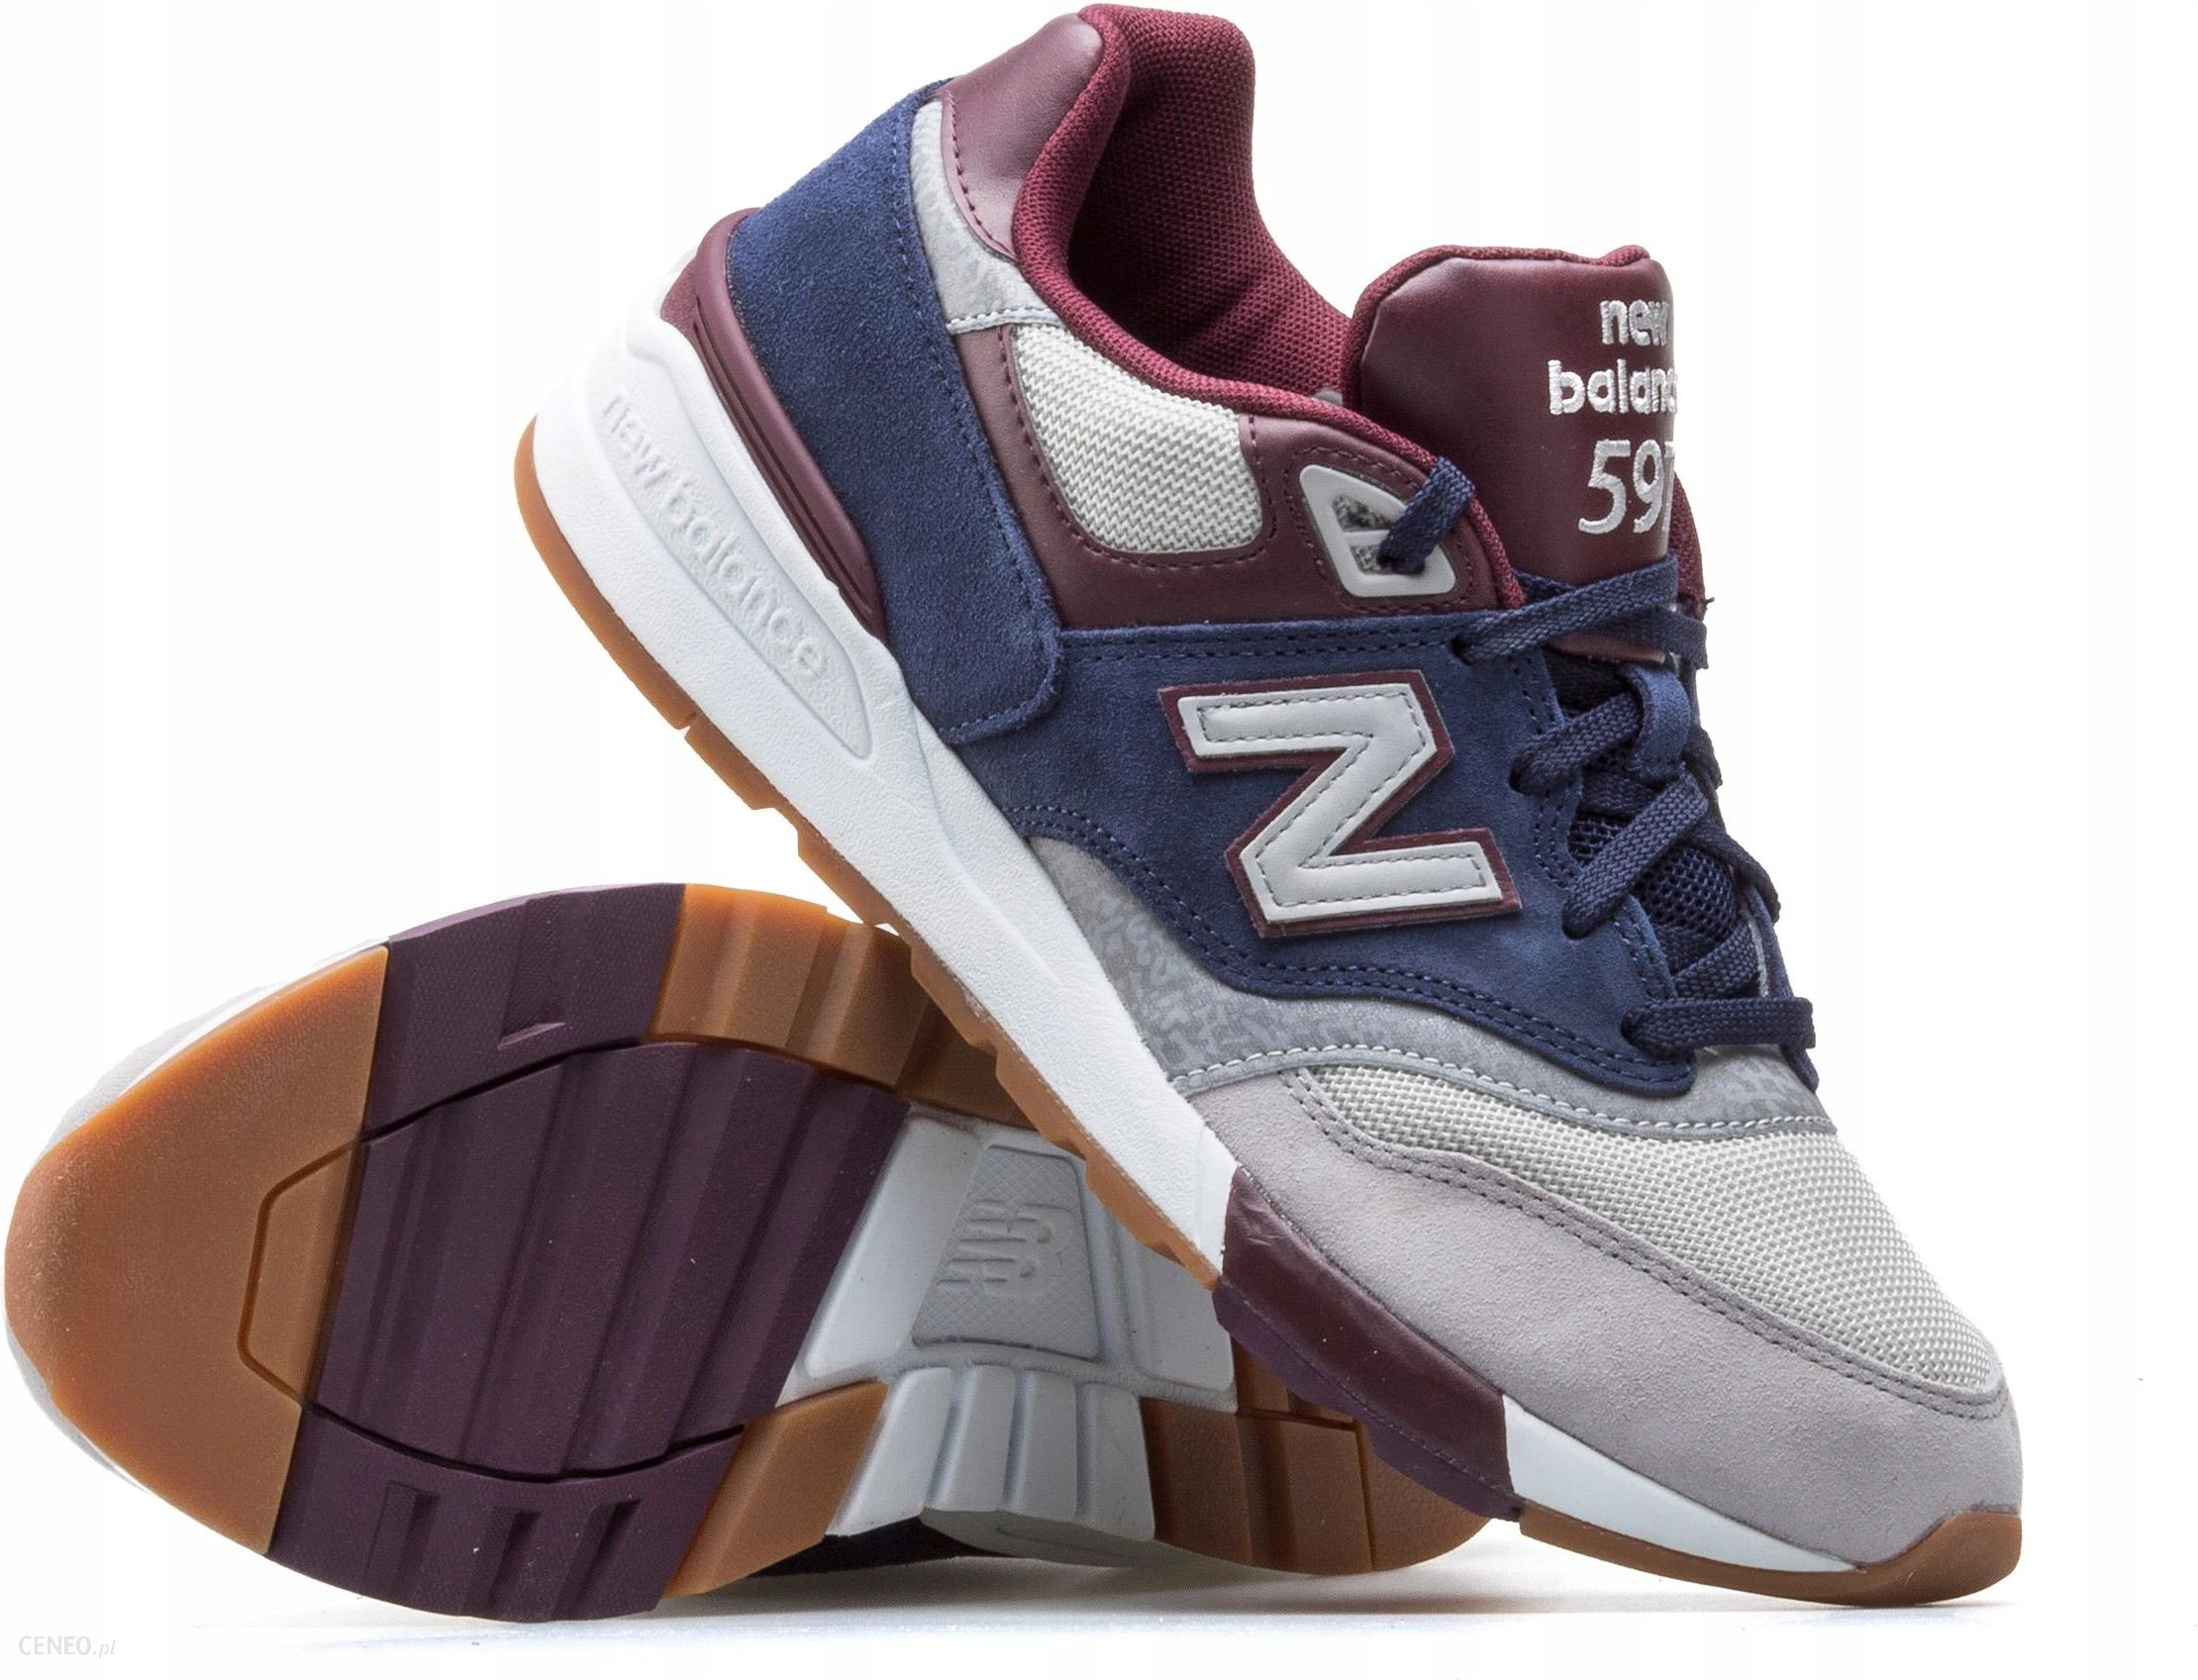 online store a66d3 f4d88 Buty męskie New Balance ML597GNB r. 42 1/2 - Ceny i opinie - Ceneo.pl